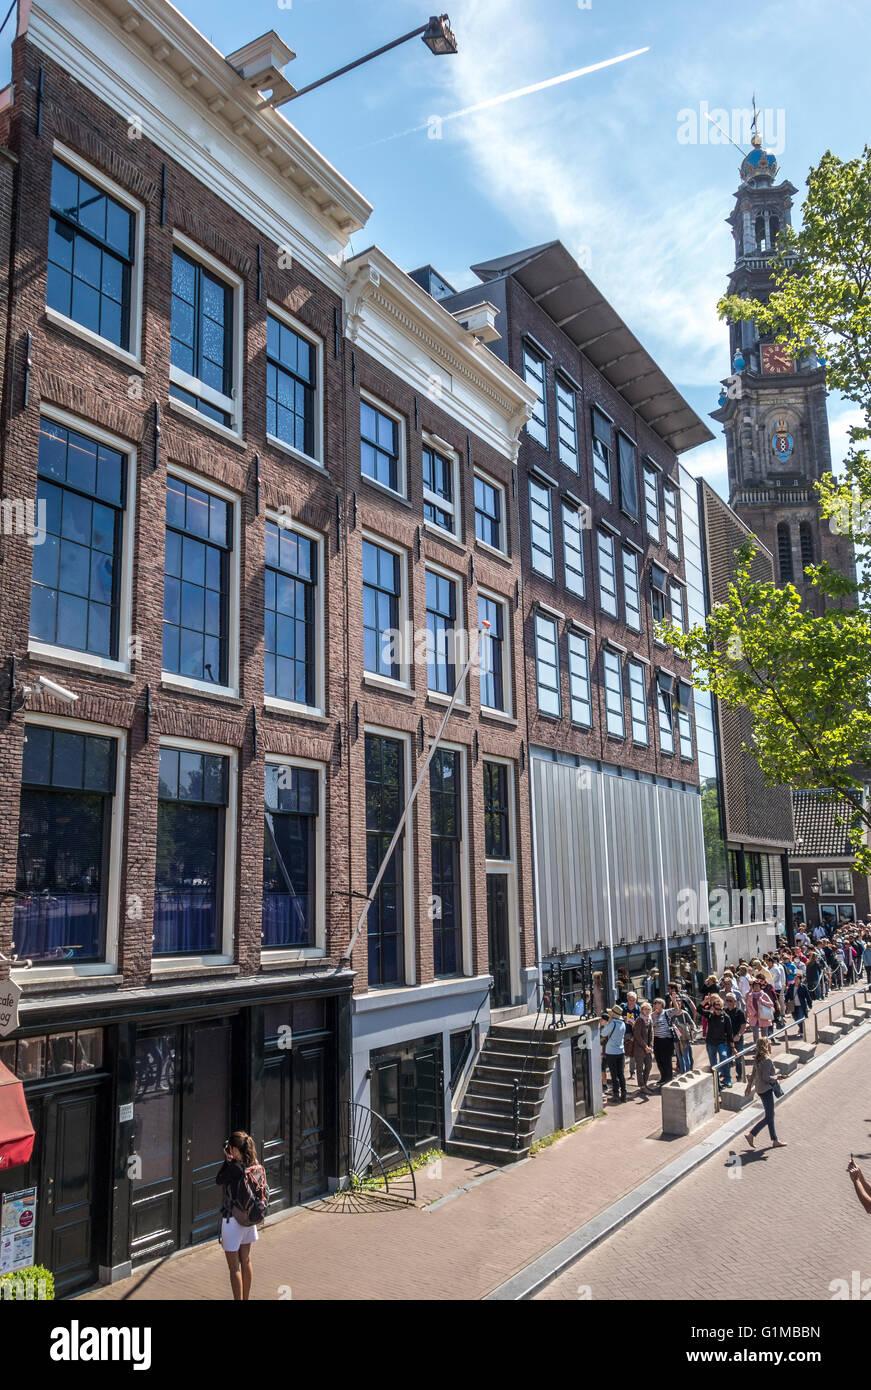 Anne-Frank-Haus und Anne Frank Museum und Eingang mit Touristen in Linien. Amsterdamer Prinsengracht Kanal im Frühjahr. Stockbild